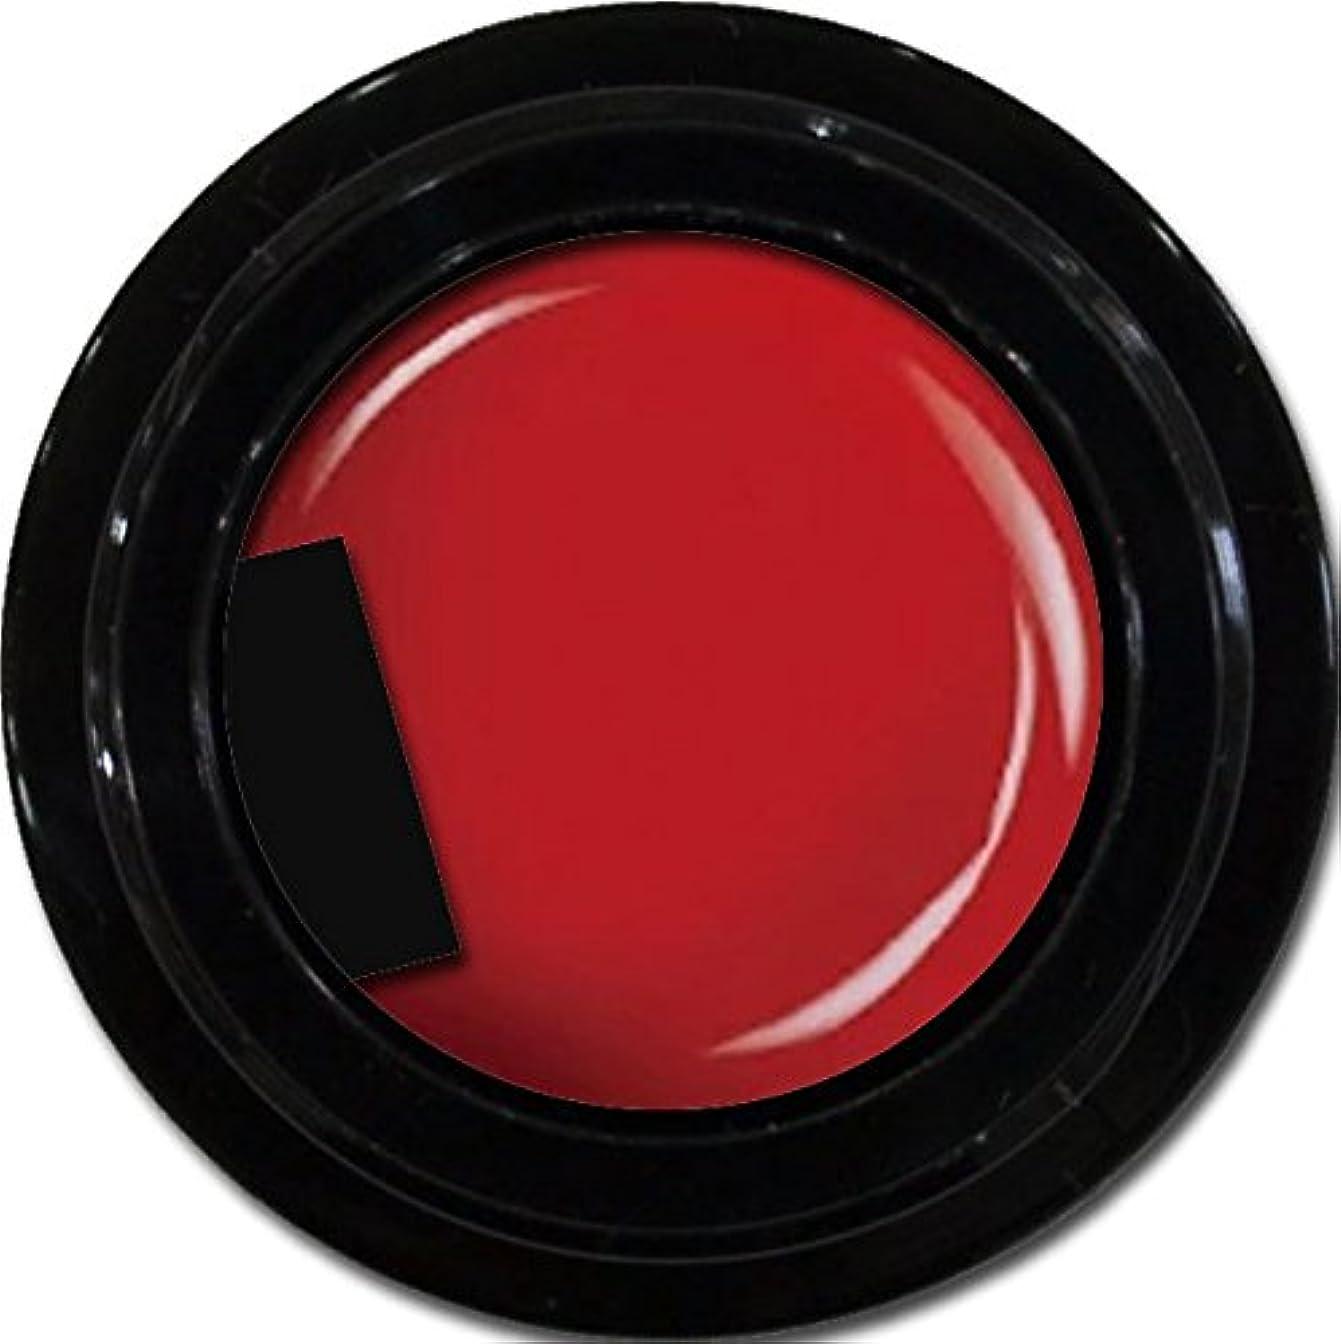 カラージェル enchant color gel M402 Carmine 3g/ マットカラージェル M402 カーマイン 3グラム